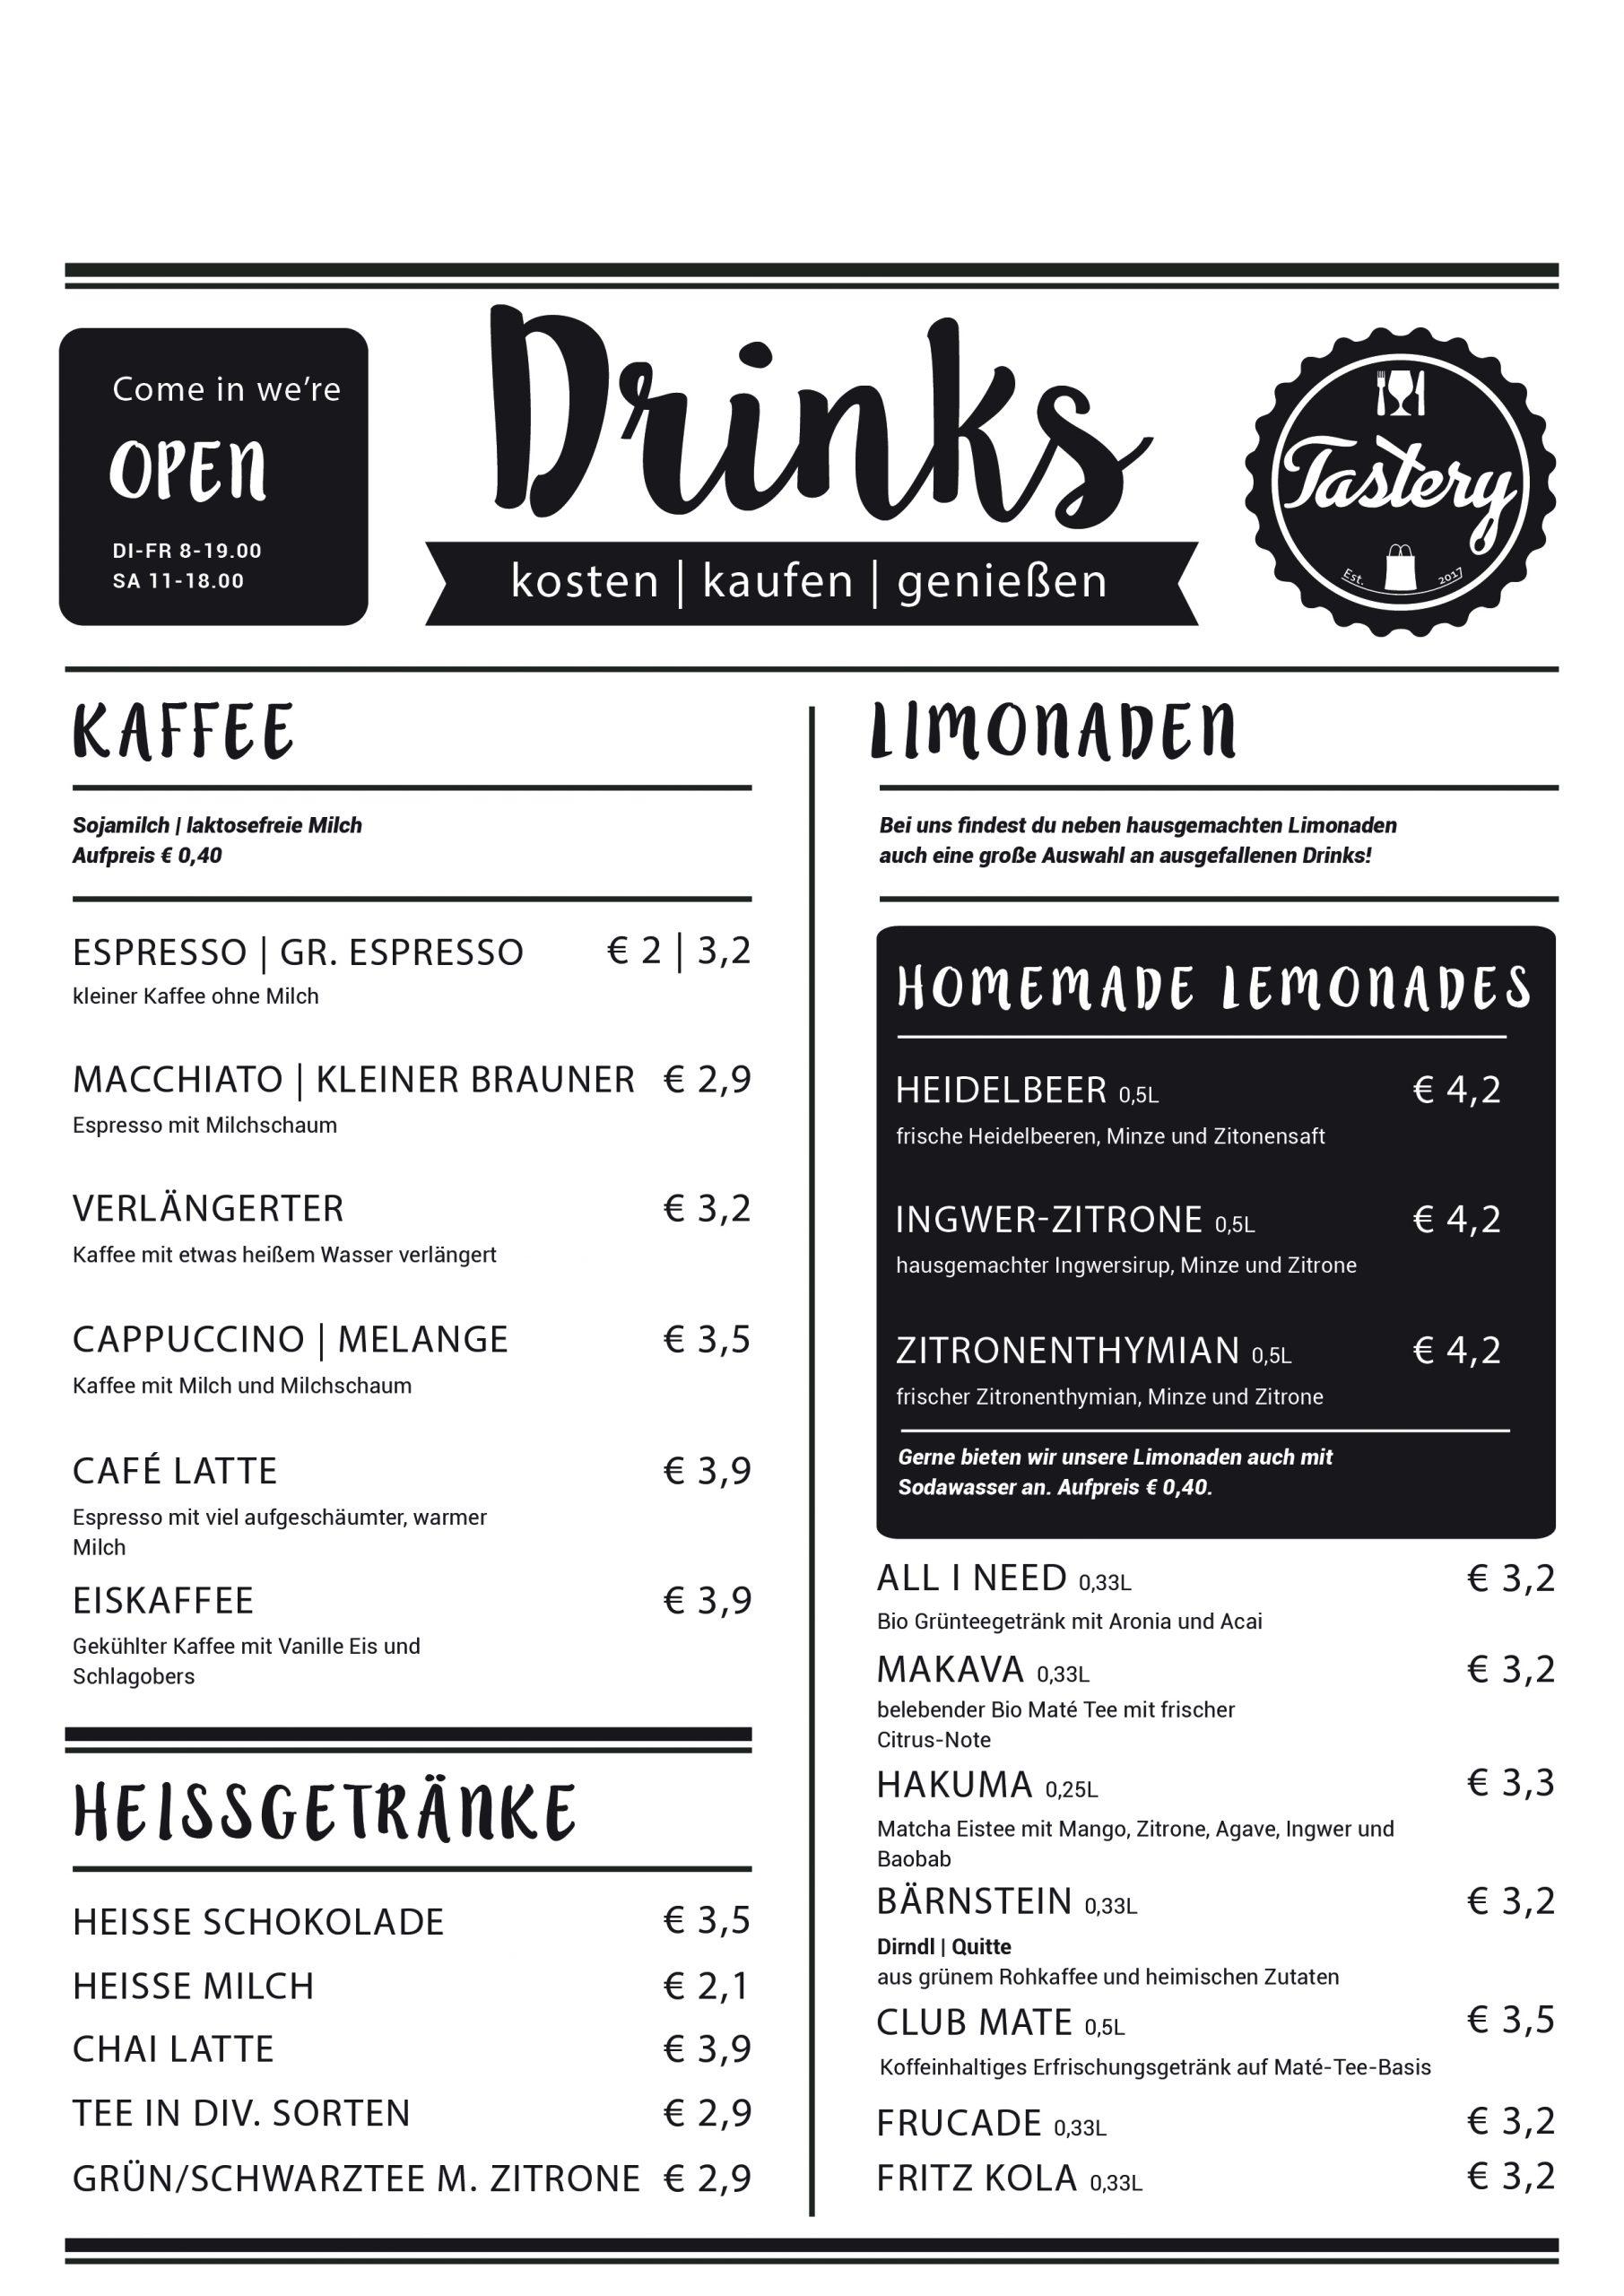 tastery-drinks-230120-01